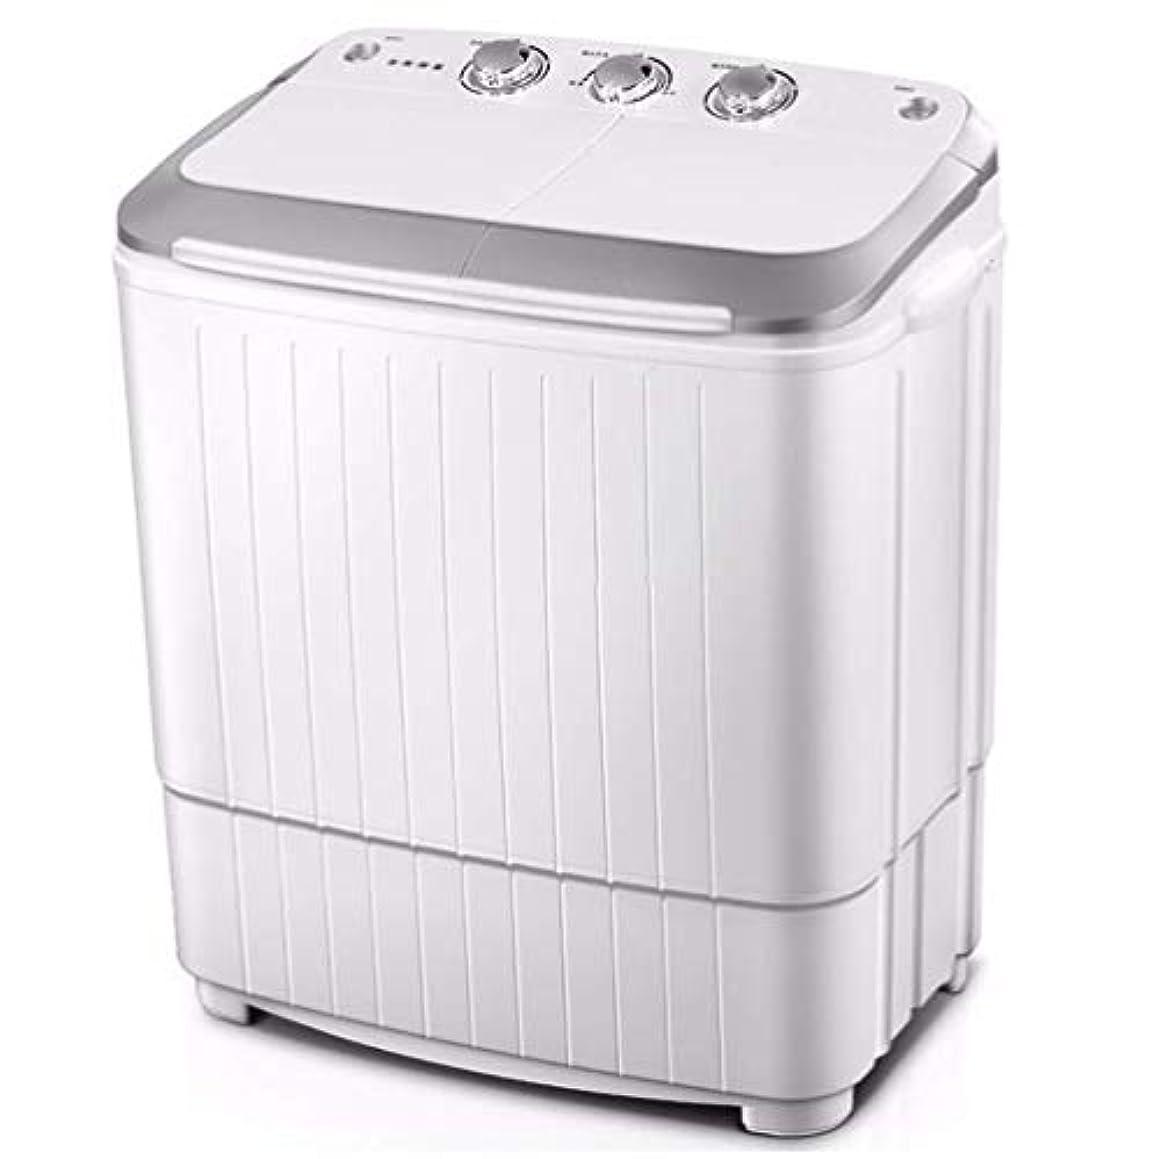 はちみつ滞在近代化するKk コンパクトなミニツインタブ11 LBトップロード洗濯機/洗濯機スピナー、内蔵重力ポンプ、ミニ洗濯機半自動二重円筒の小型家電のw (Color : E)